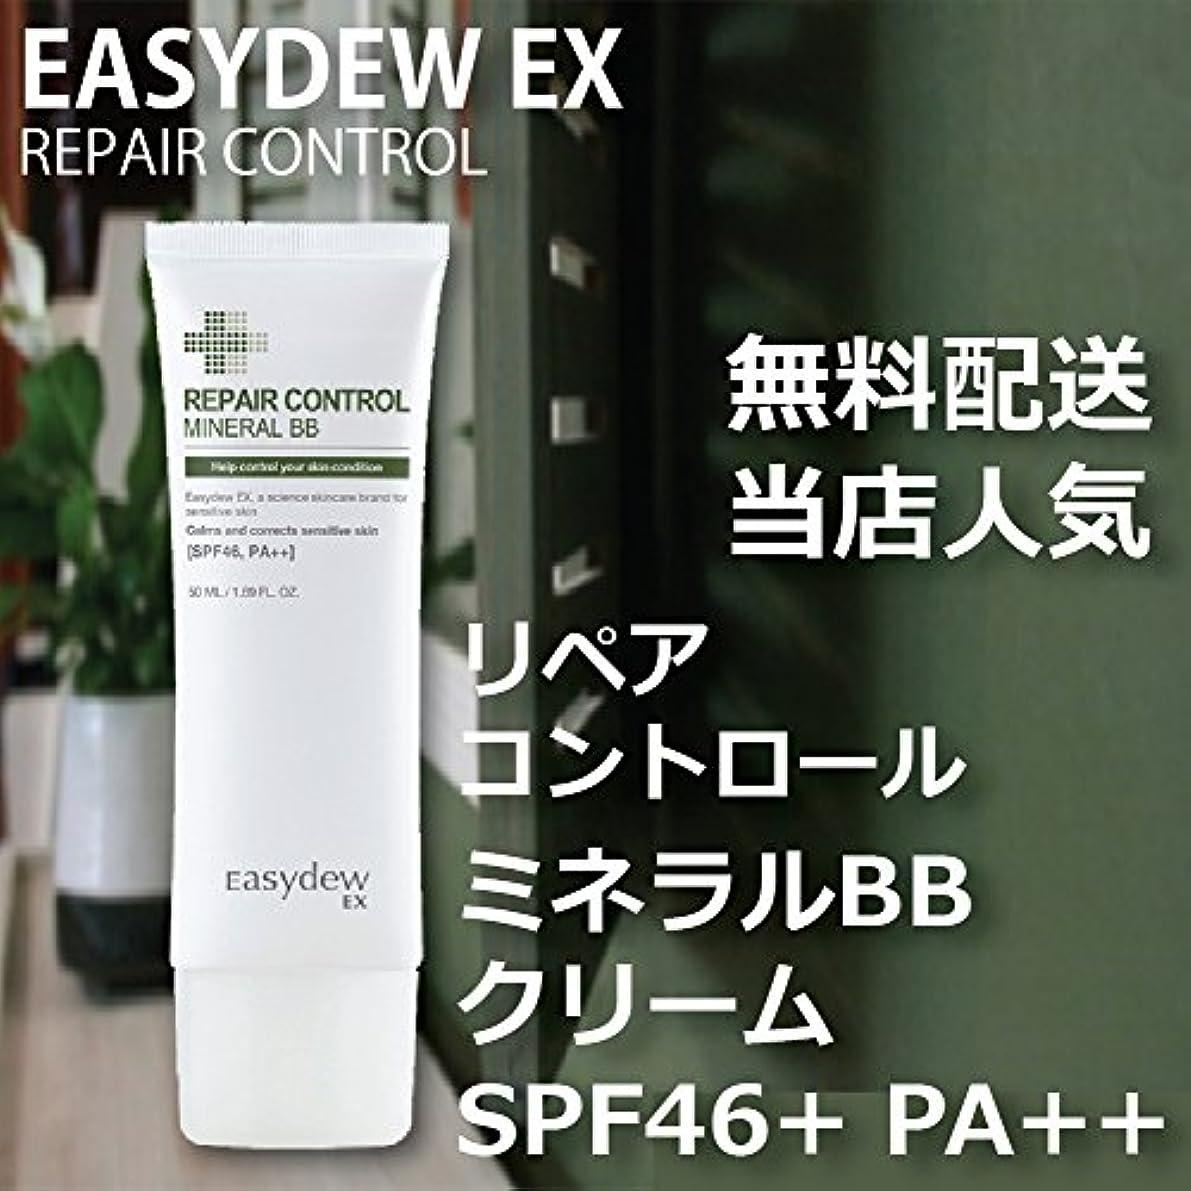 柱苦痛ハンディEASY DEW EX ミネラル BBクリーム SPF46+ PA++ 50ml MINRAL BB CREAM 韓国 人気 コスメ イージーデュー 敏感 乾燥 美白 しわ 3重機能性